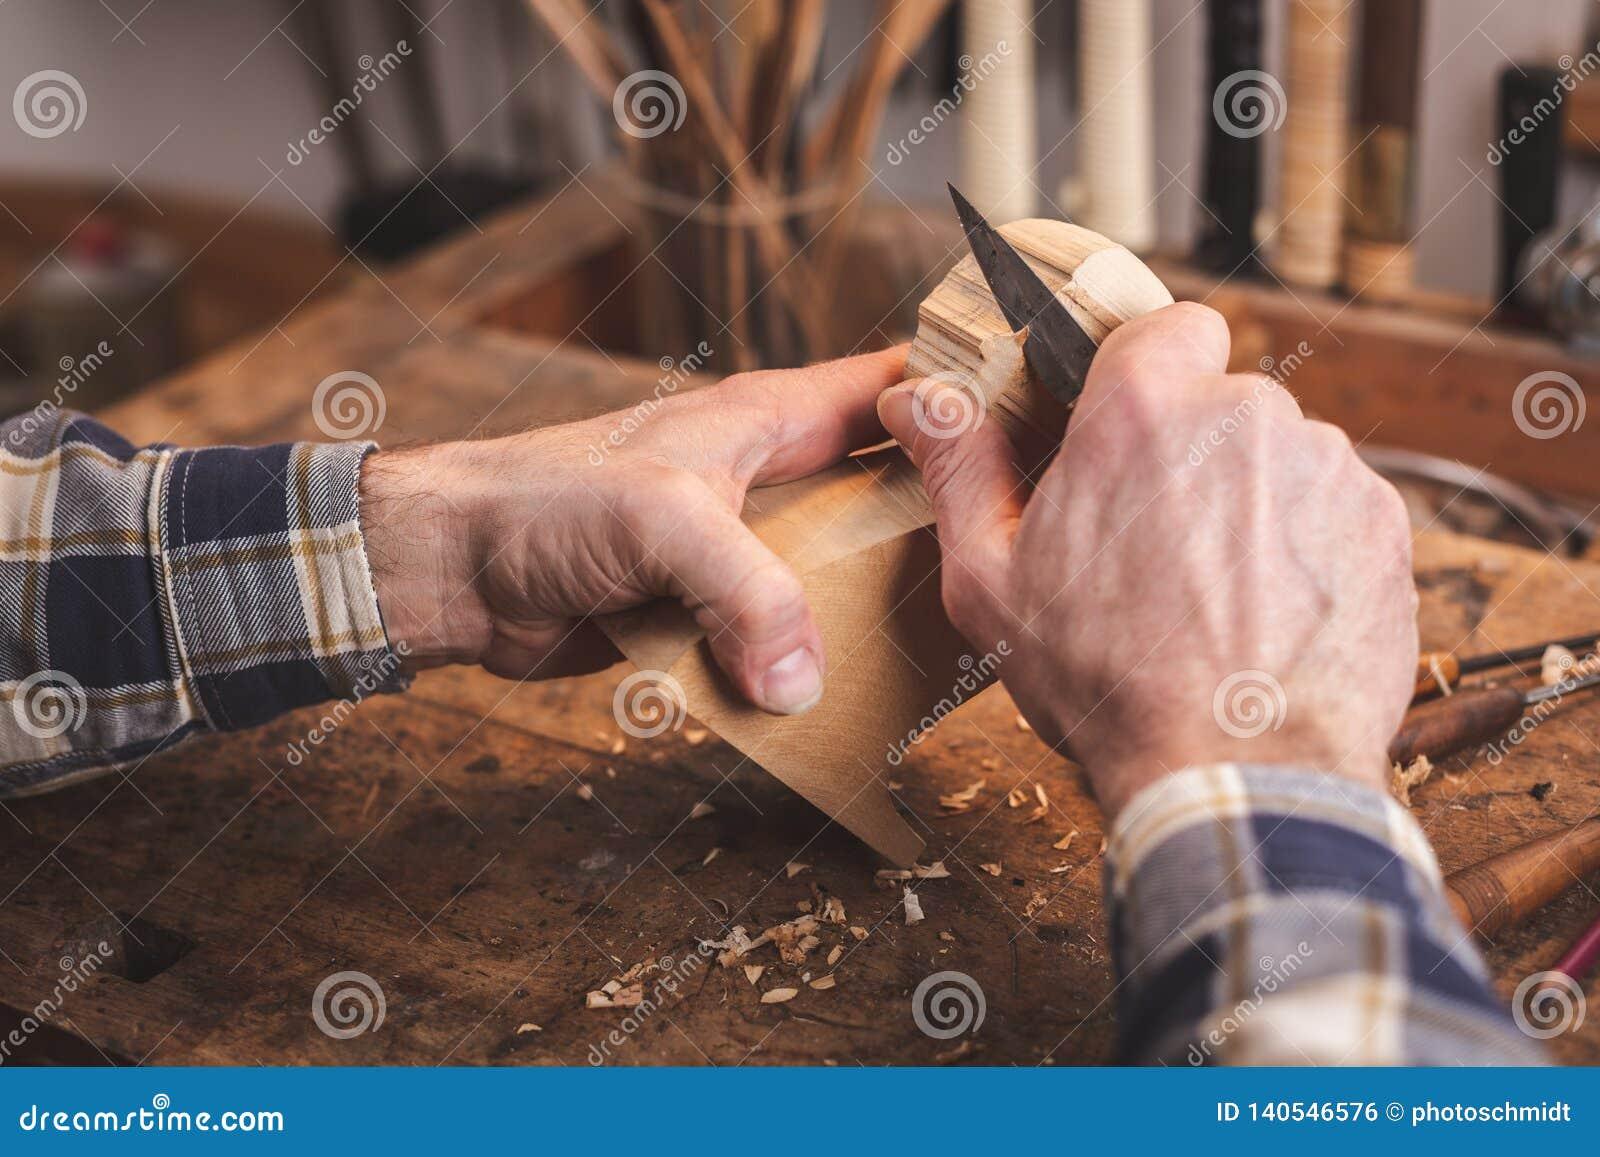 tallando madera Manos Que Tallan Un Pequeo Pedazo De Madera En Un Banco De